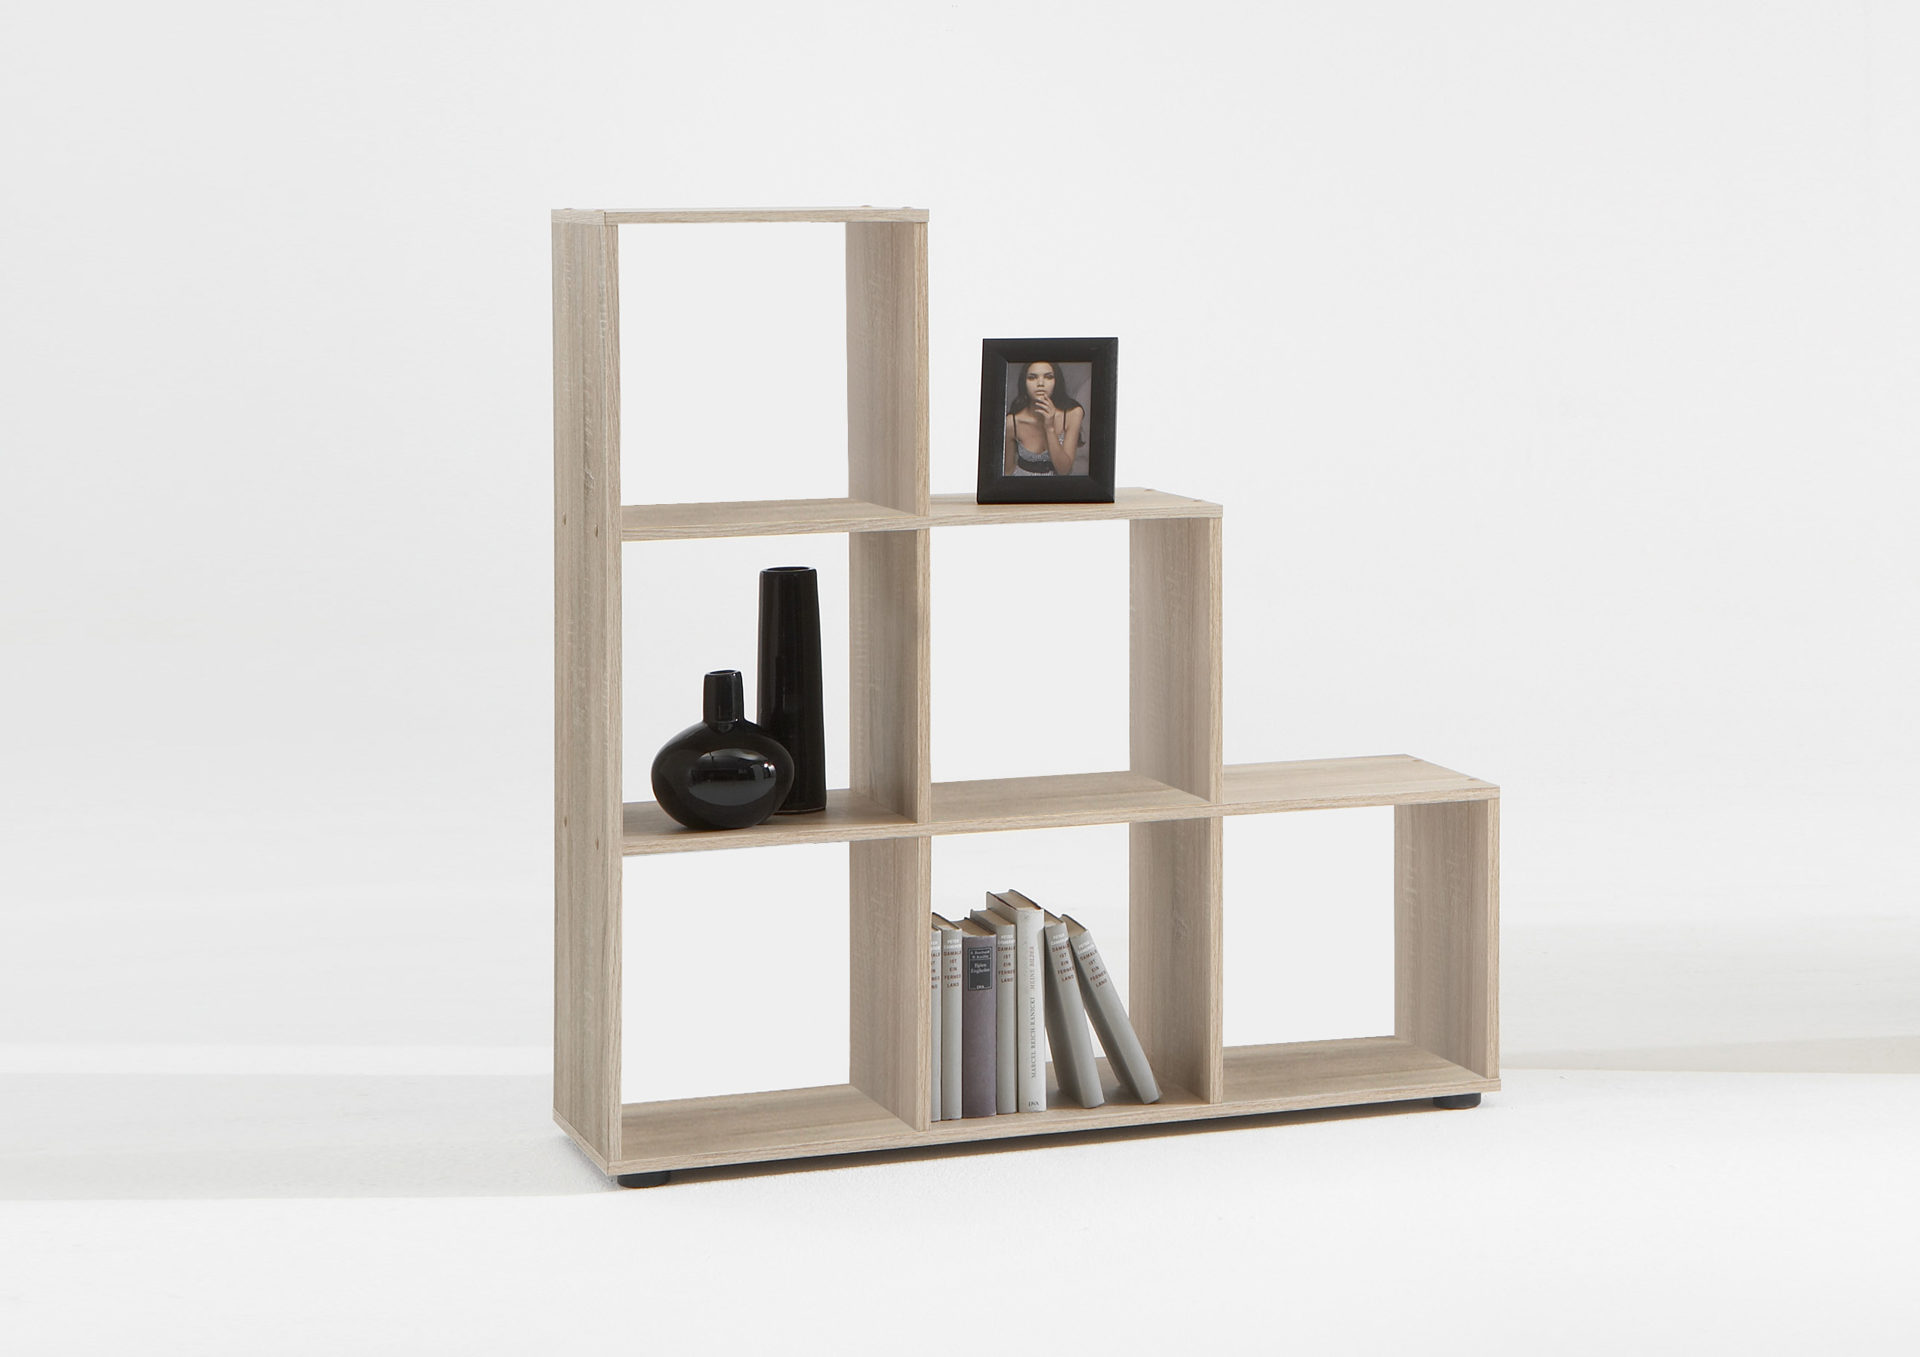 Ausgezeichnet Büromöbel Schäfer Galerie - Schlafzimmer Ideen ...